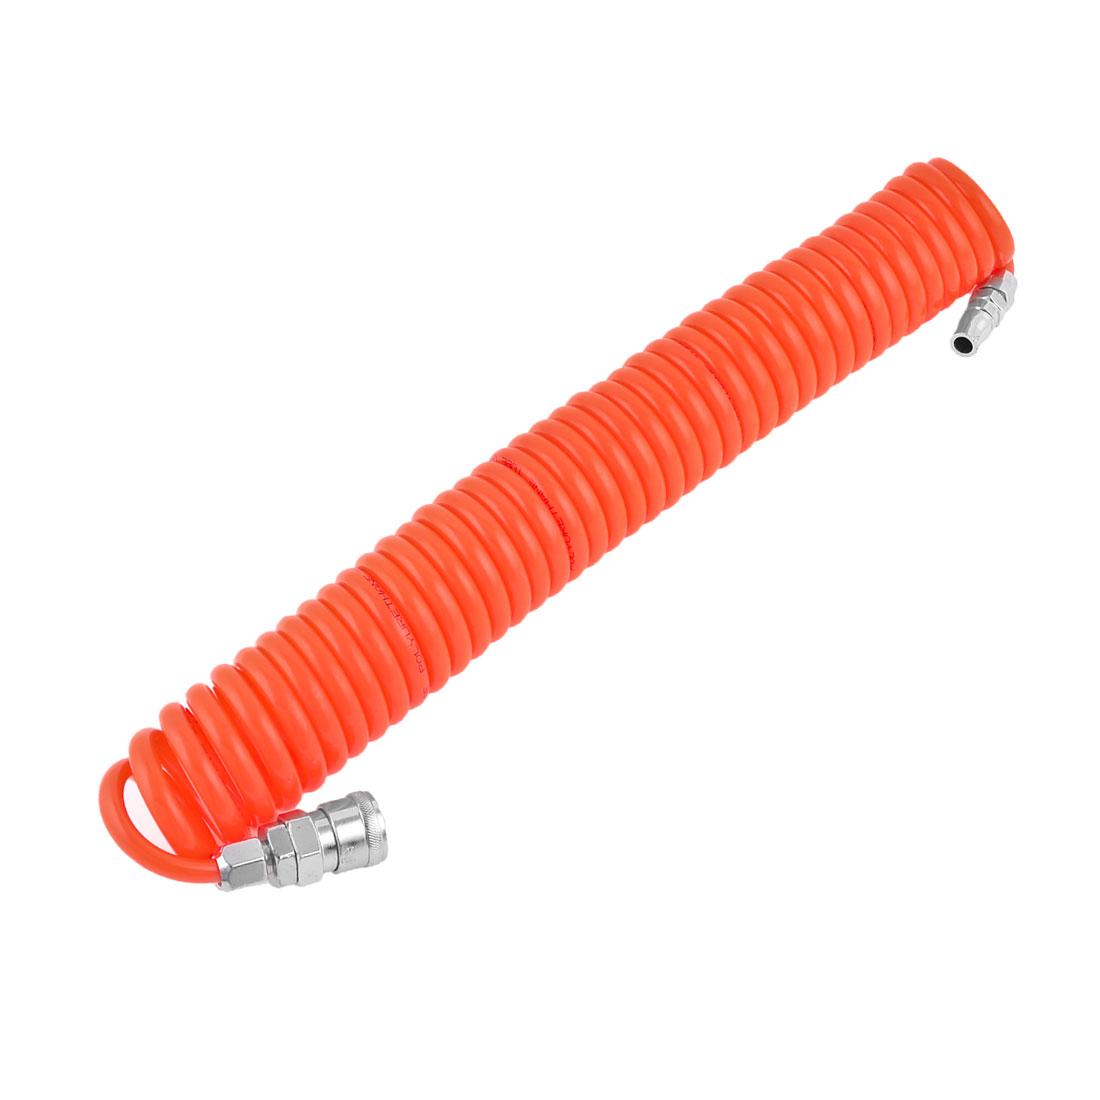 6M Length 8mm x 5mm Polyurethane PU Recoil Air Compressor Hose Tube Orange Red